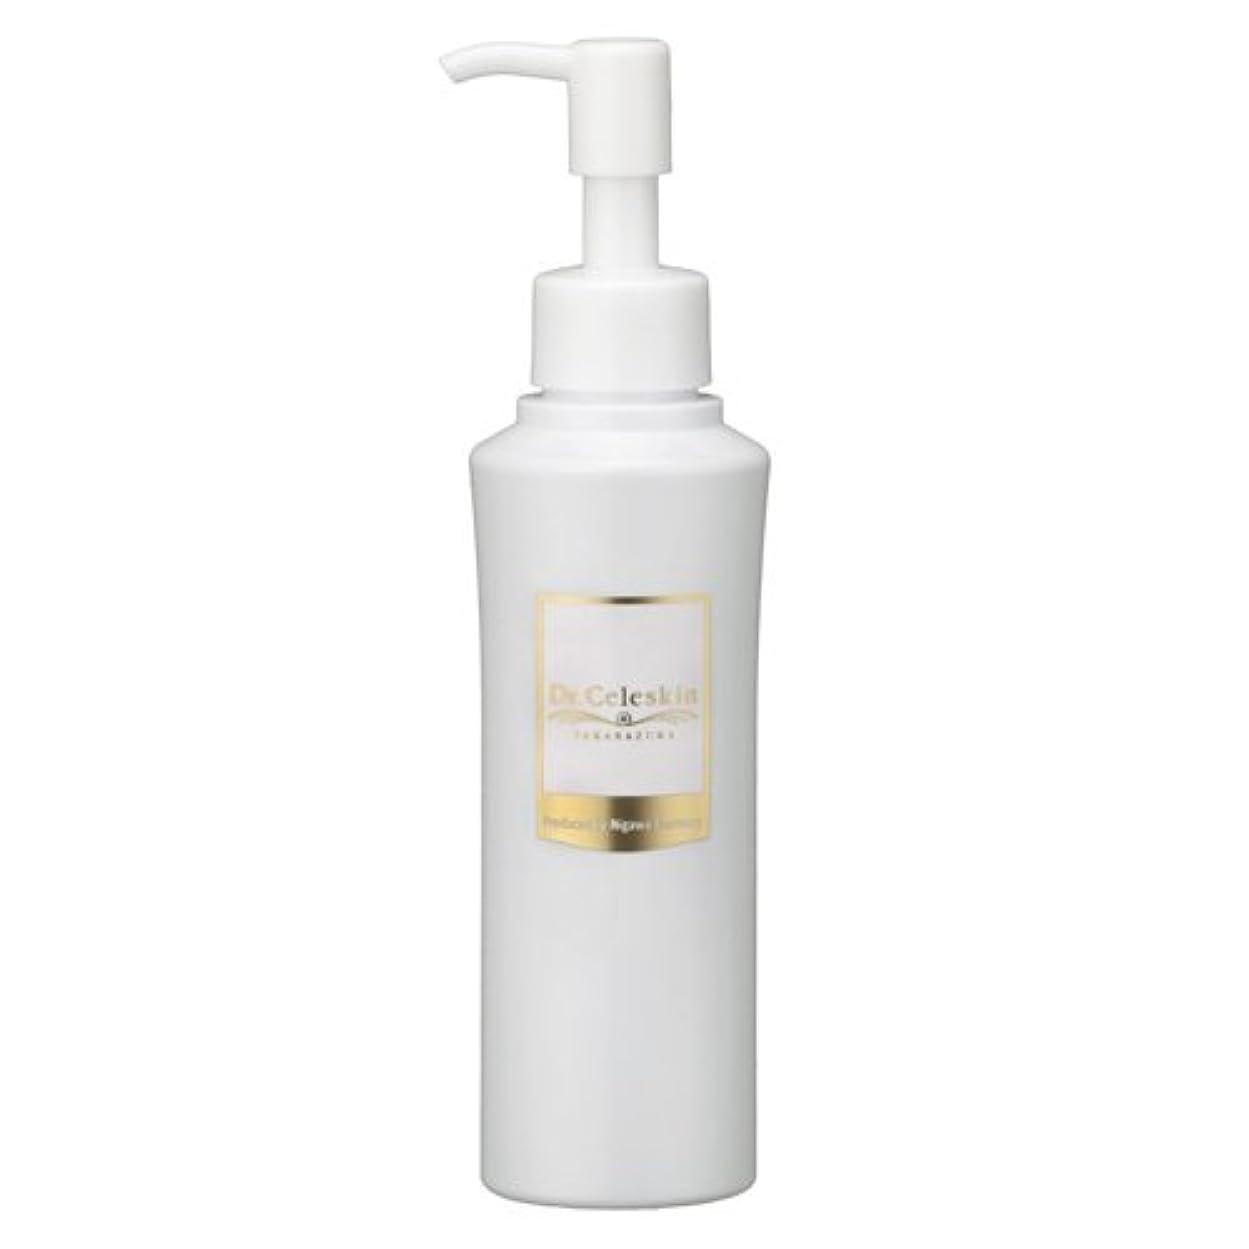 メジャー理容室スクラブクレンジングオイルS(ビタミンC誘導体VCIP(抗酸化剤)配合) 150ml (1本)